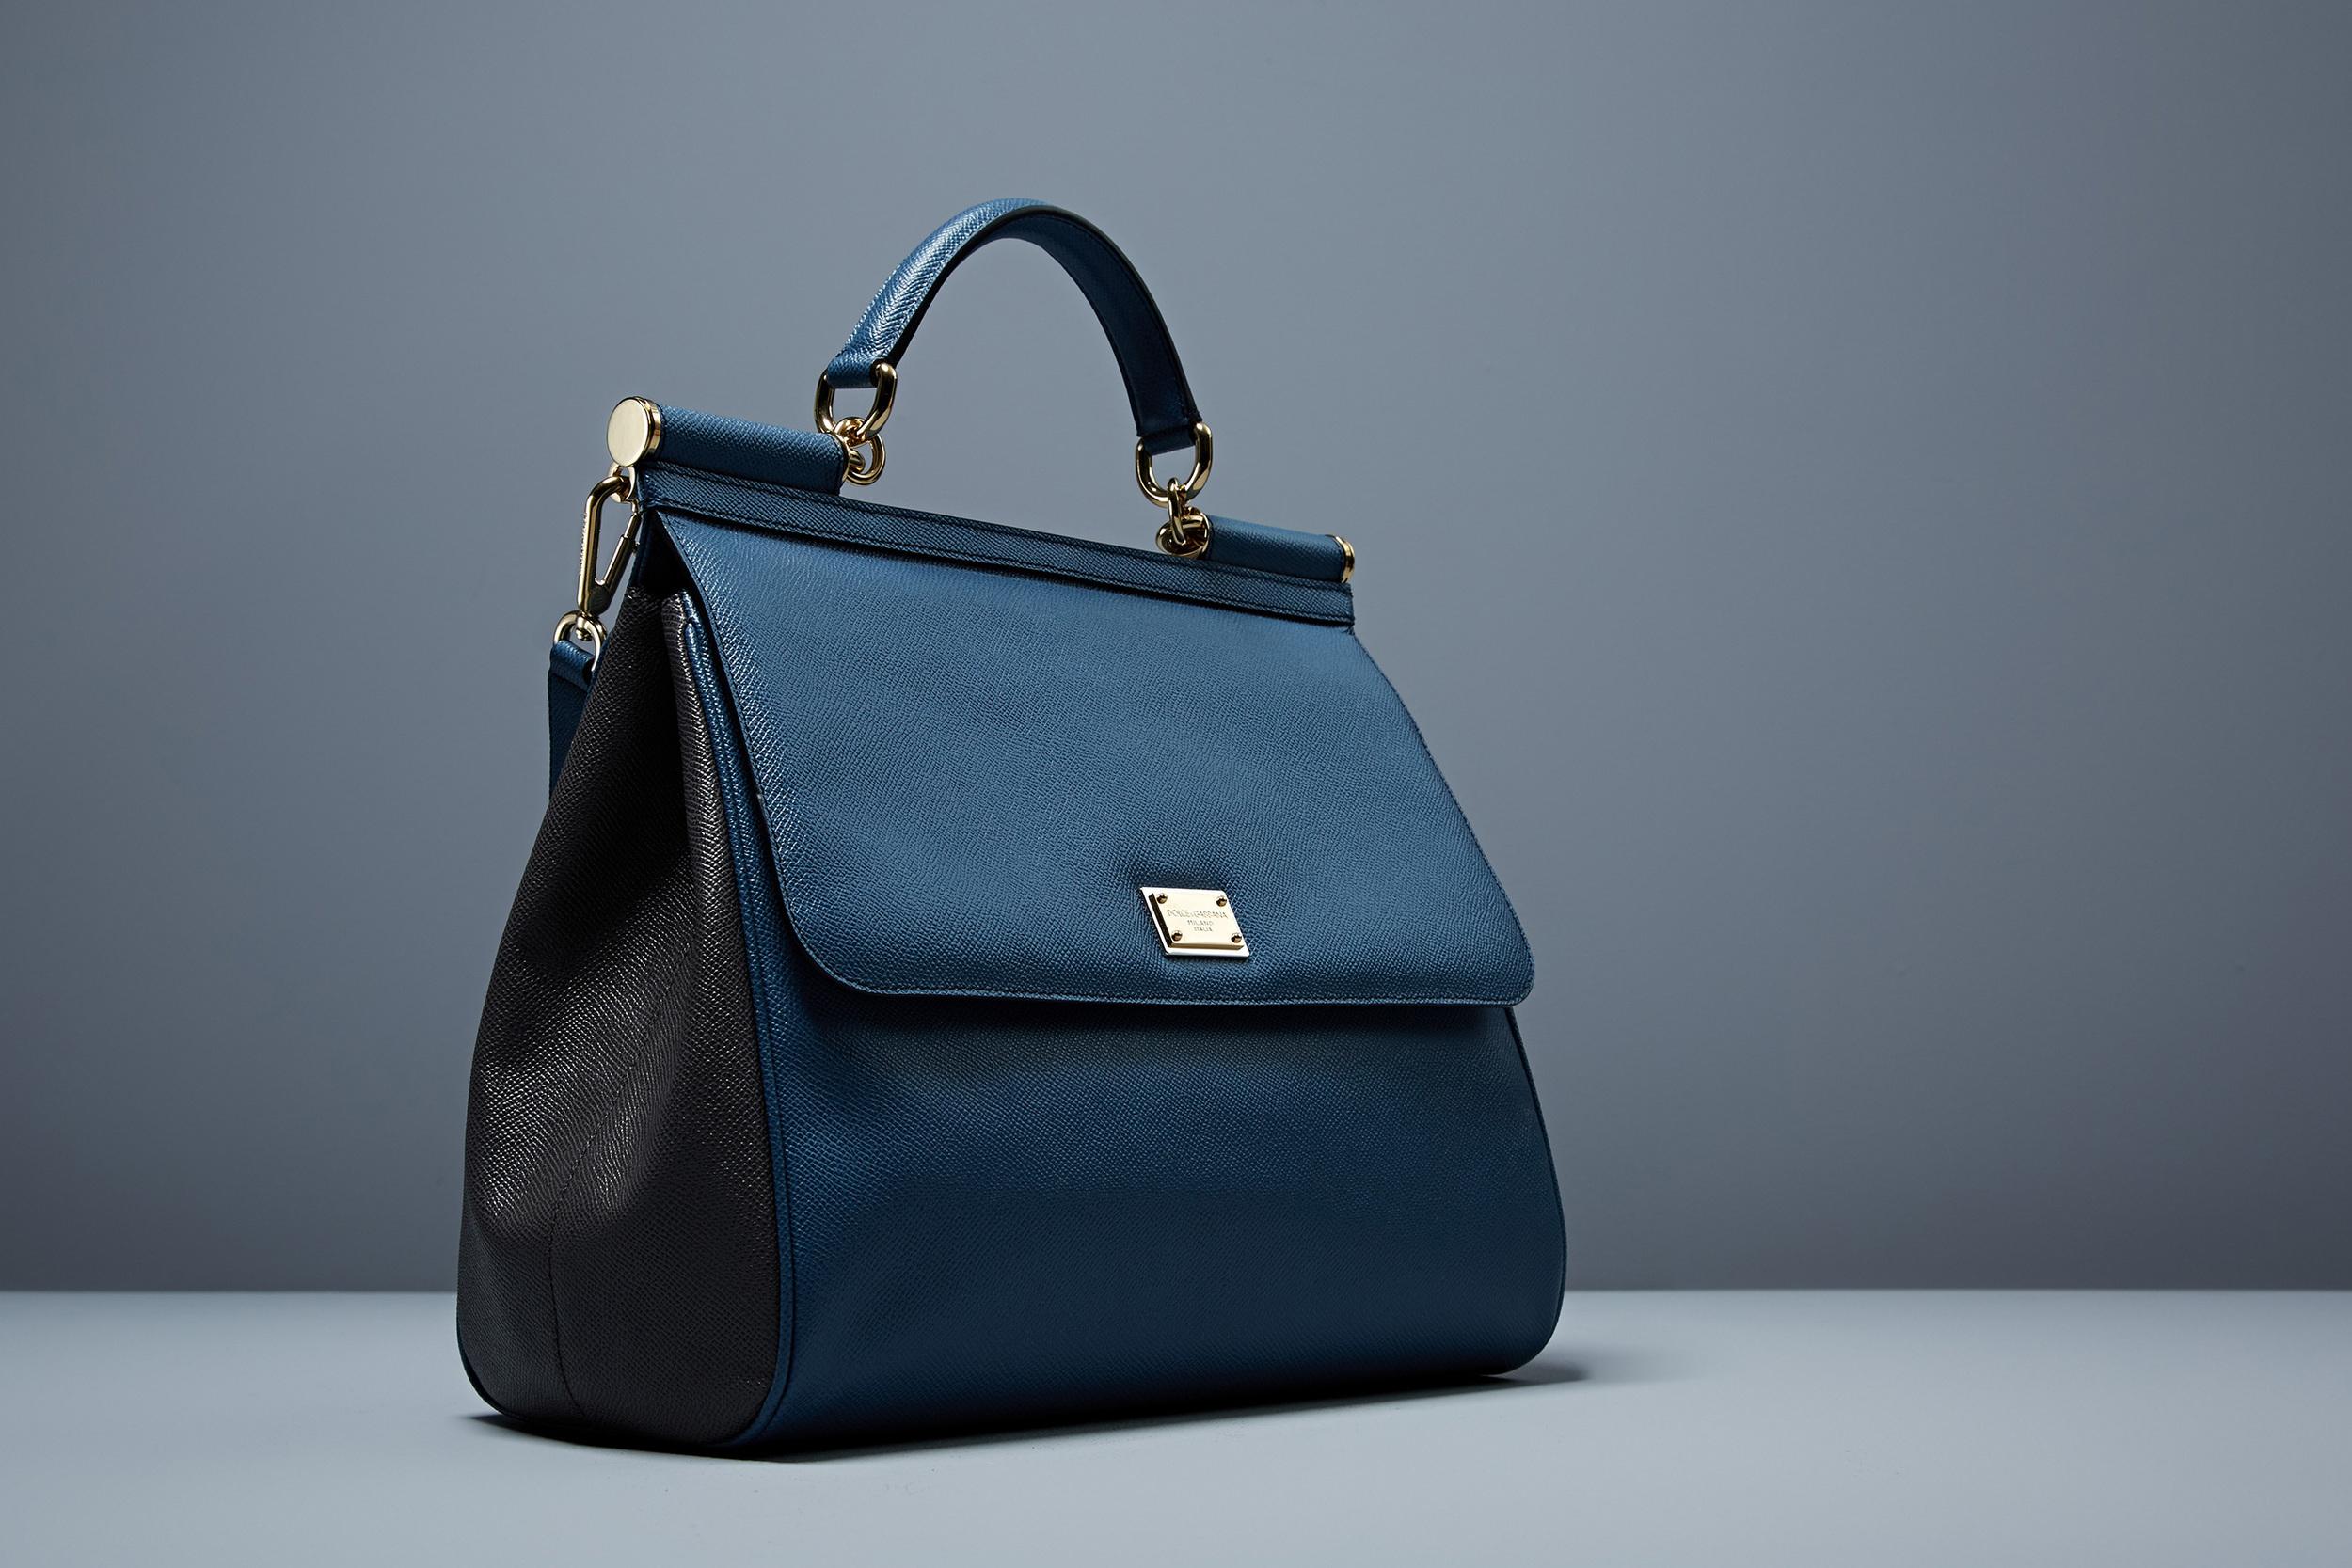 Luxe_Handbags.jpg